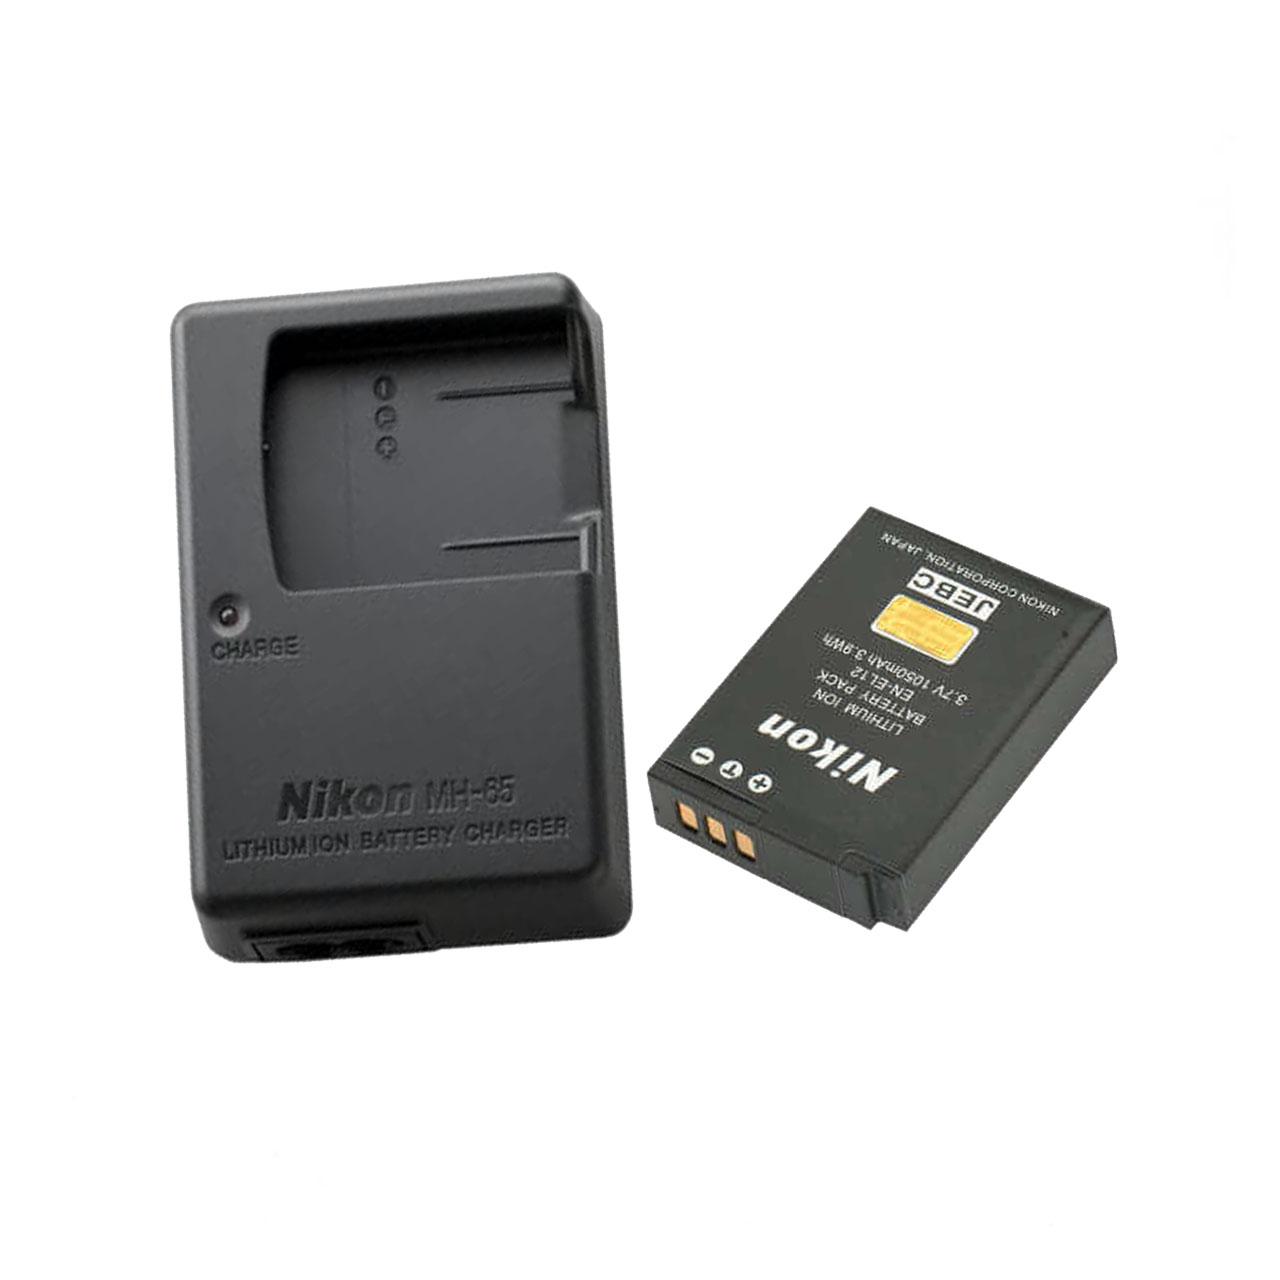 بررسی و {خرید با تخفیف} شارژر باتری دوربین مدل MH-65 به همراه باتری اصل